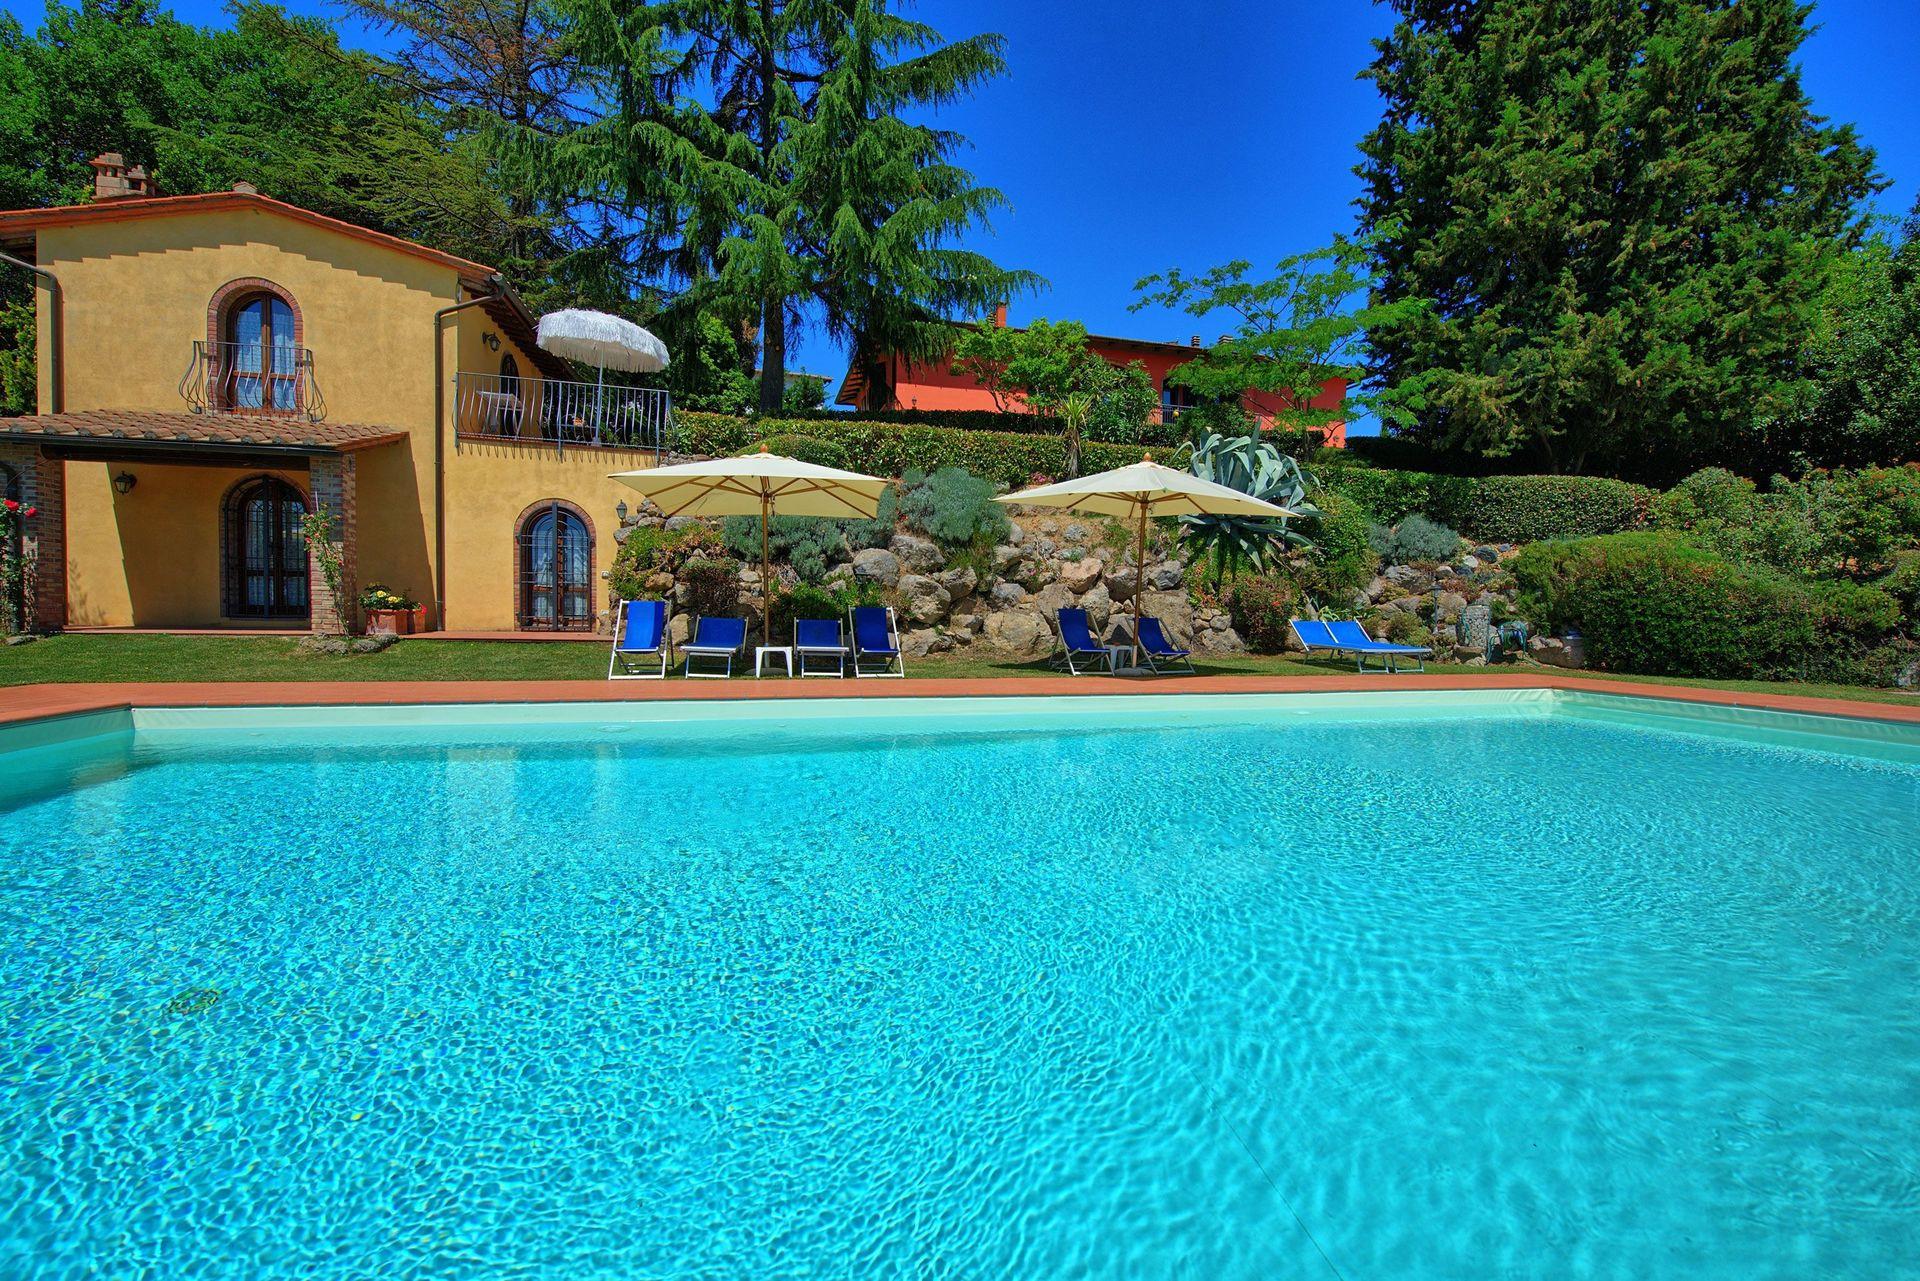 Casa rossa 3 posti letto 4 in 1 camere casa vacanza a for Branson cabin rentals 4 camere da letto